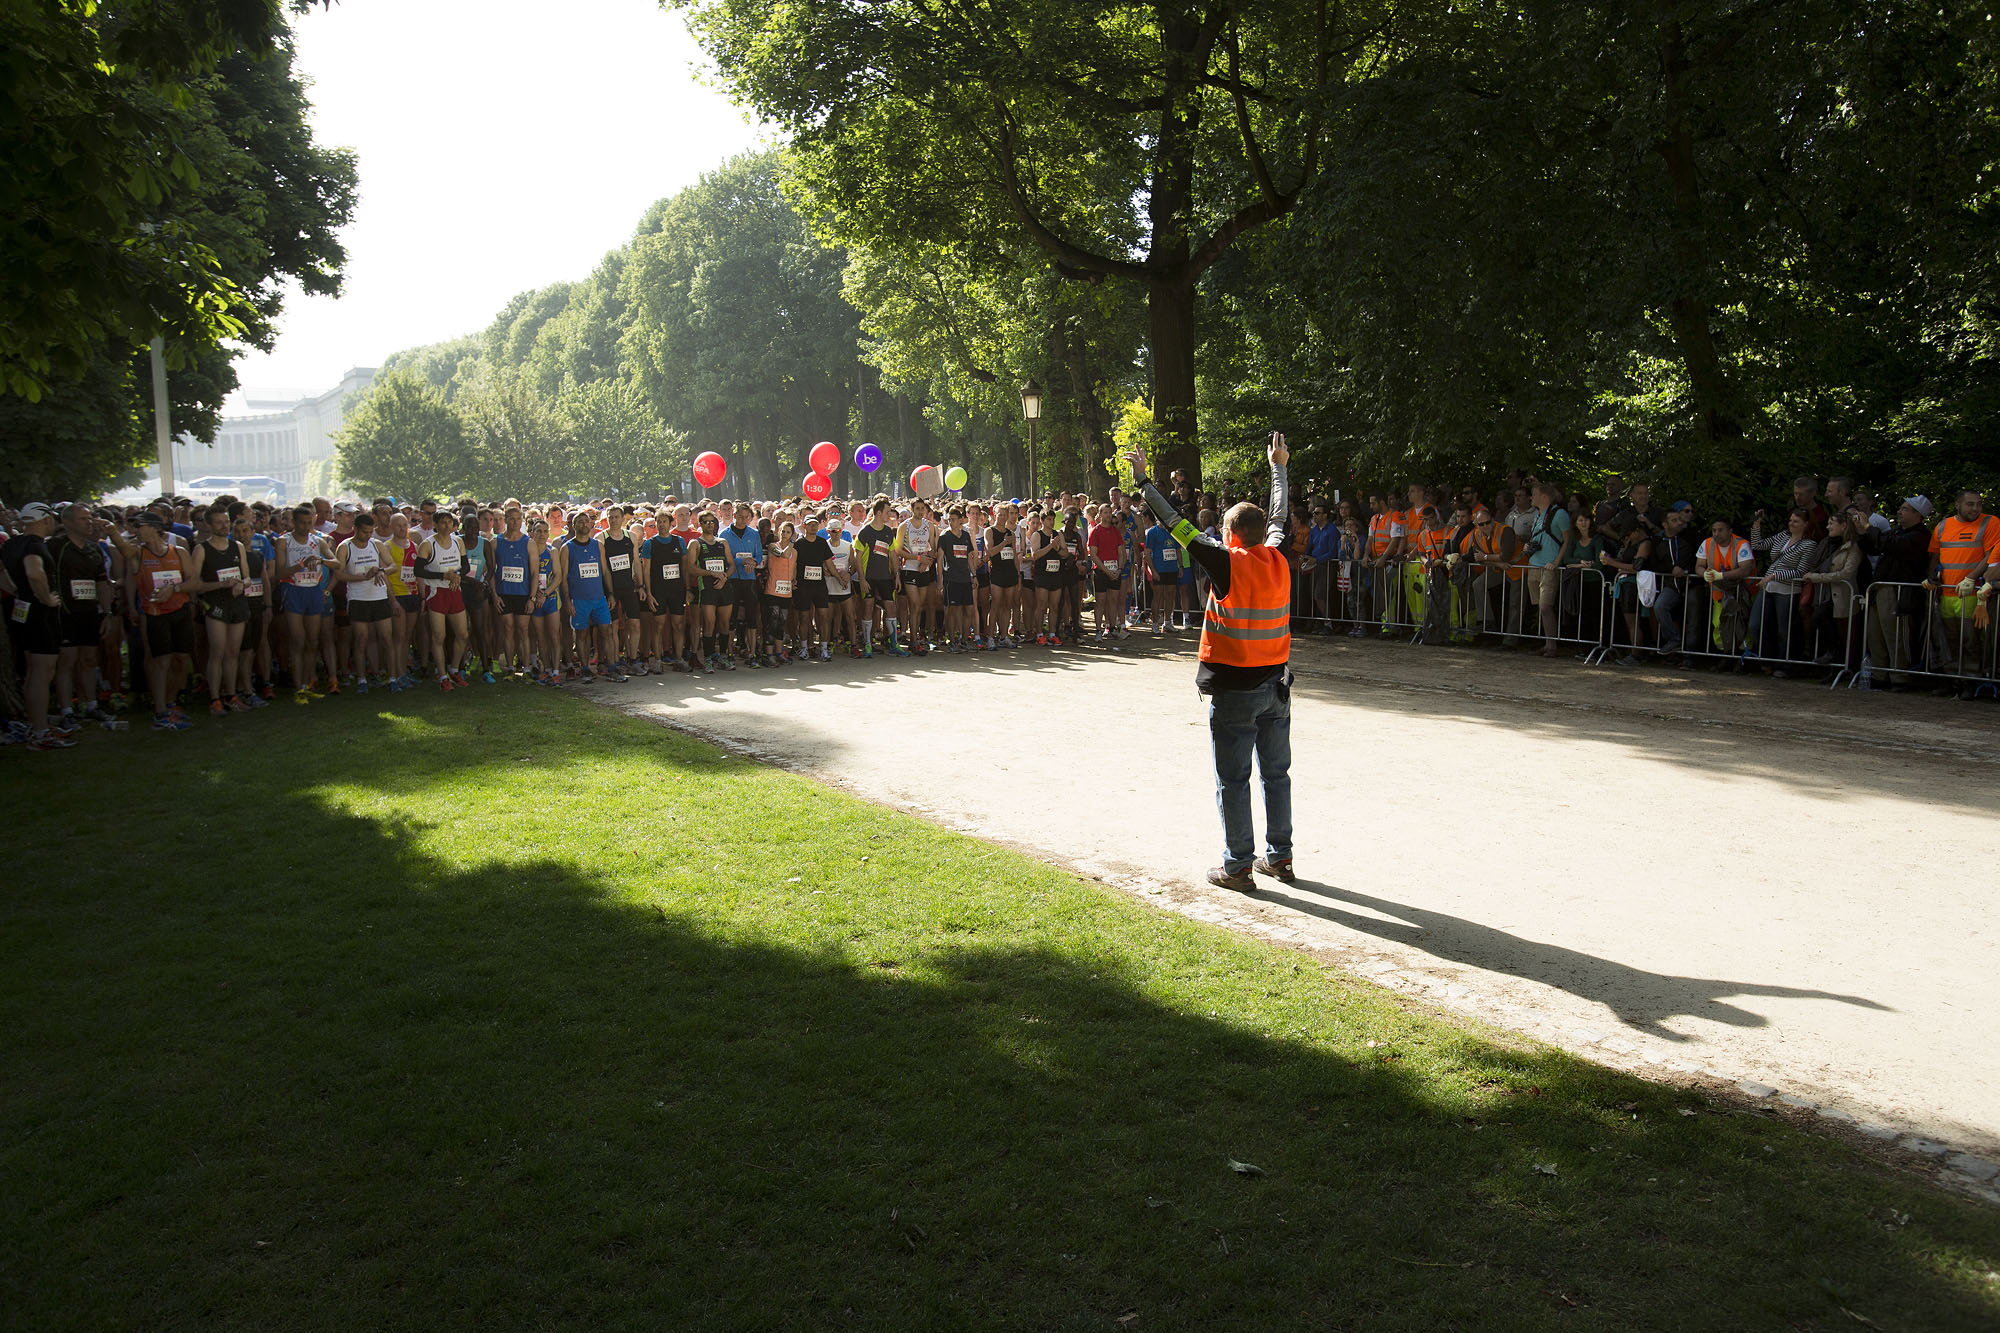 Foto aan start duurloop met veel mensen